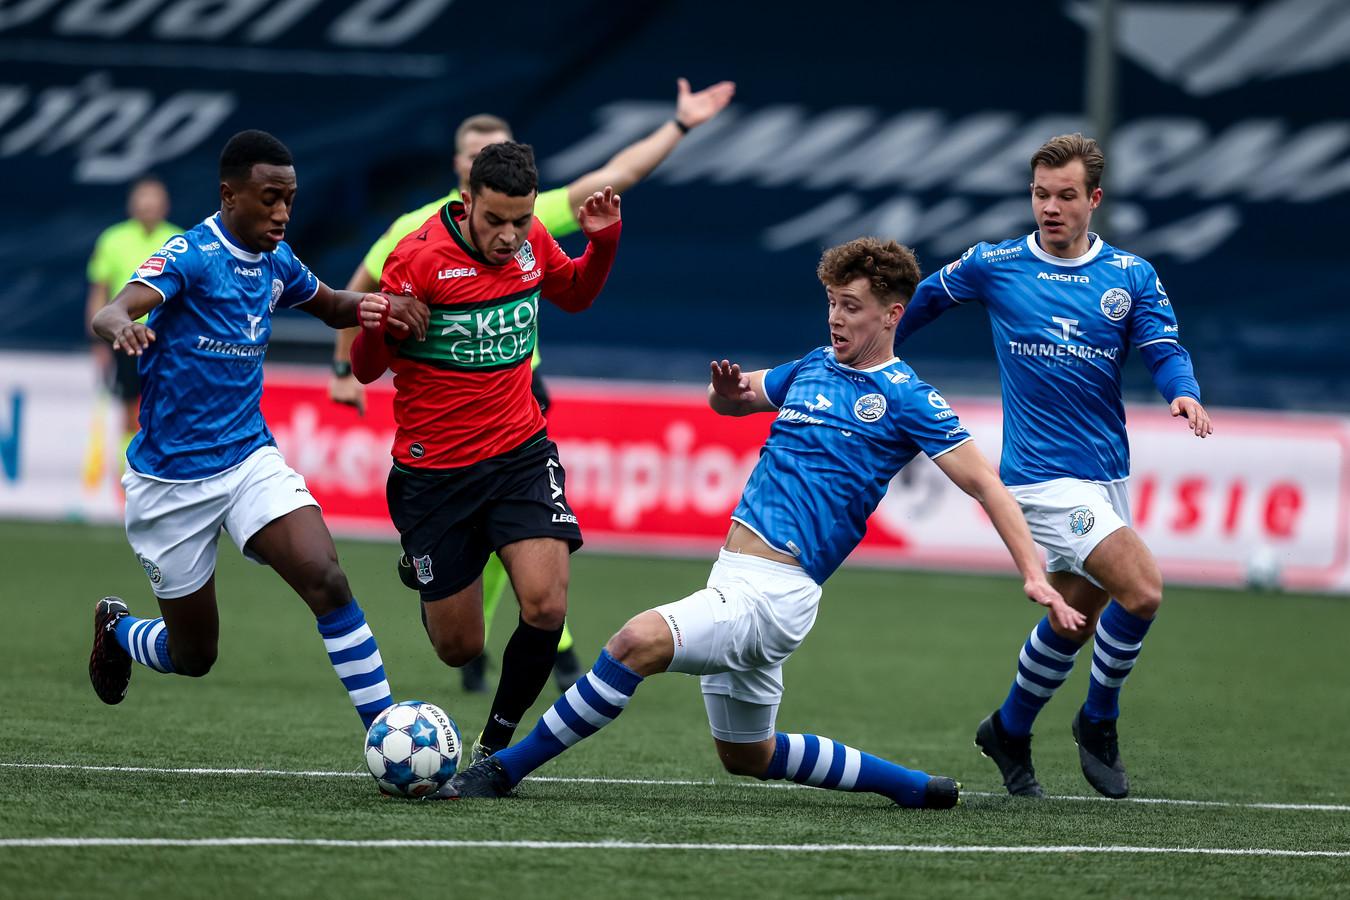 Frank Sturing (tweede van rechts) zet Ayman Sellouf de voet dwars in de thuiswedstrijd van FC Den Bosch tegen NEC op 6 december (2-2). Helemaal rechts kijkt Rik Mulders toe. Links helpt Kevin Felida Sturing een handje.